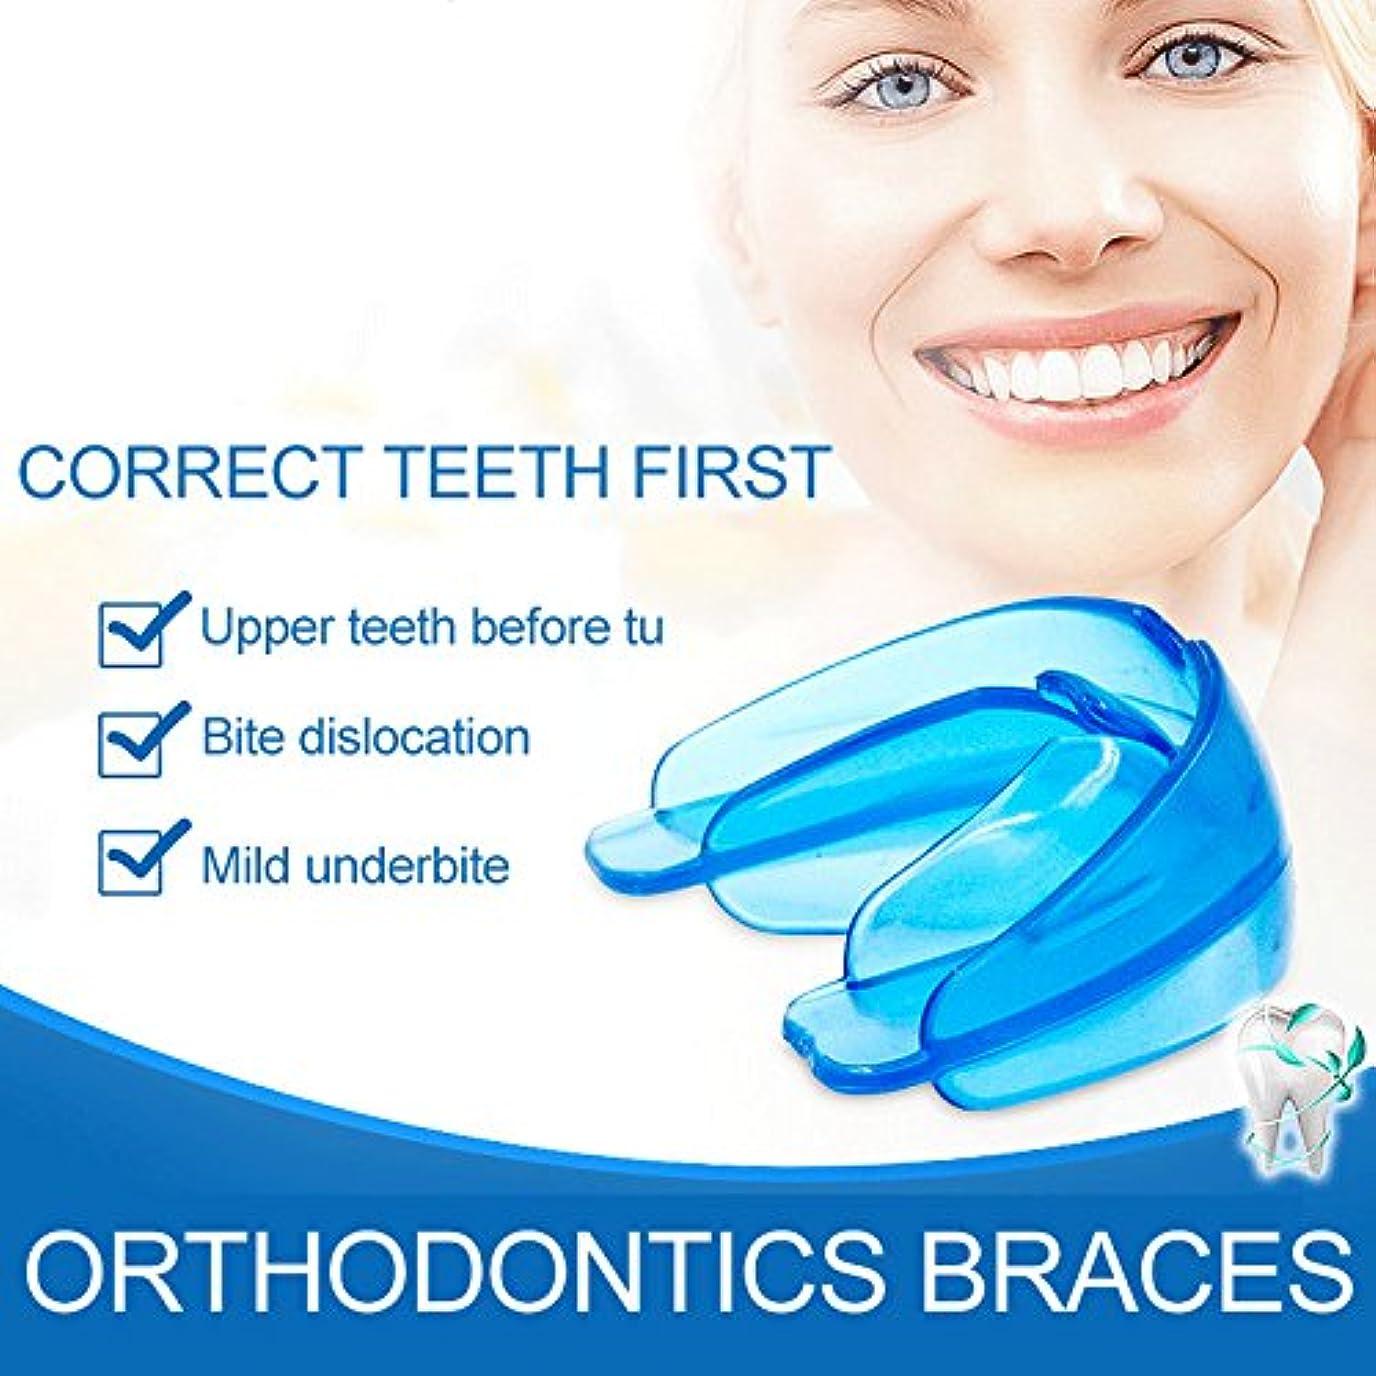 グローバル財布マイクロプロセッサ歯科矯正 歯科 矯正用固位器 直歯システム 使いやすい ブルー